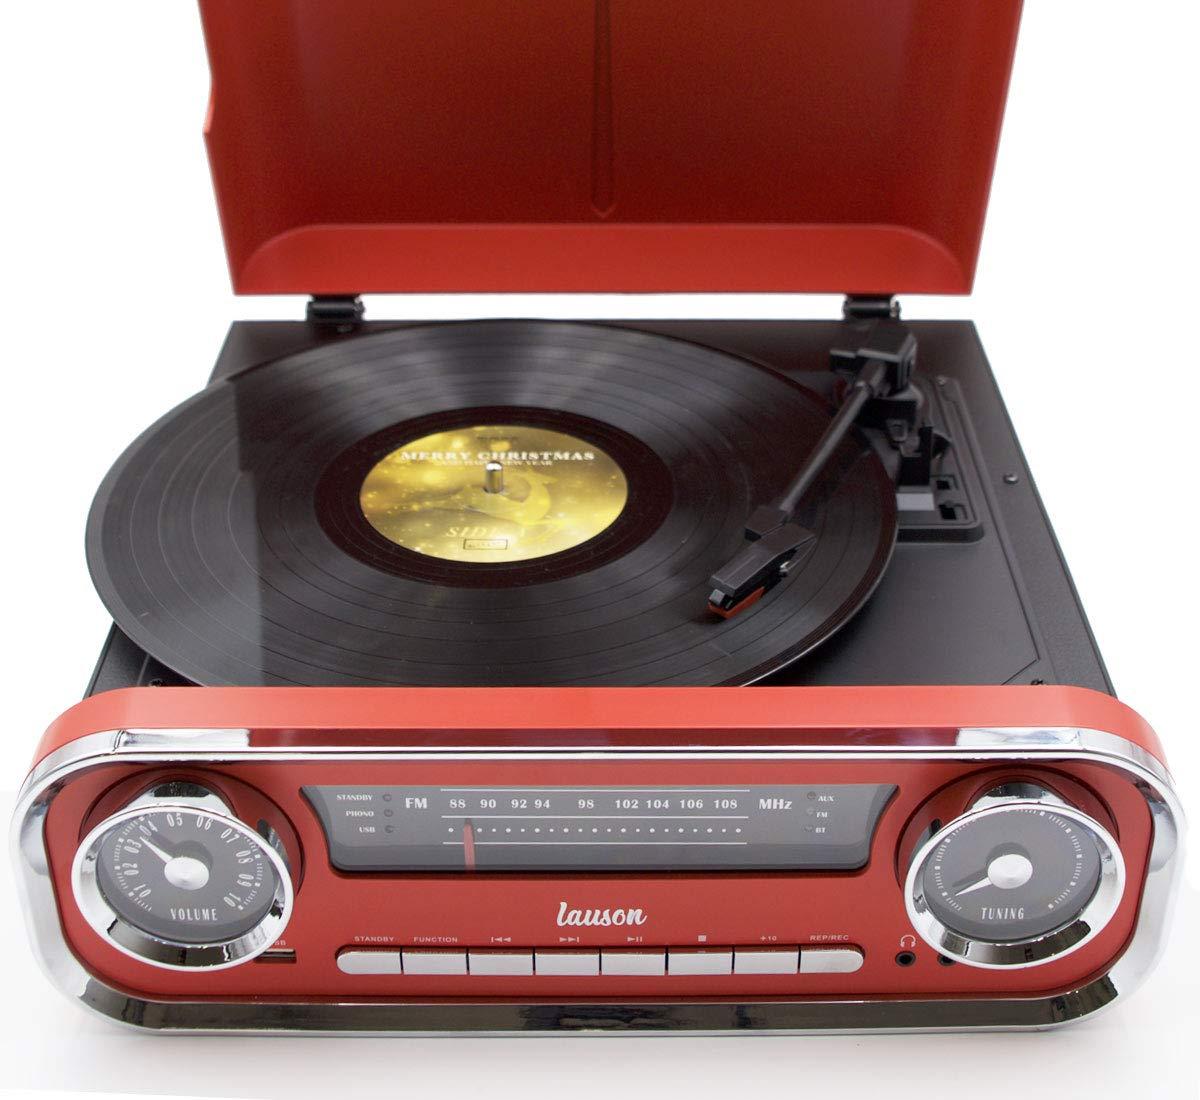 Lauson 01TT17 Tocadiscos Diseño Vintage Coche de Colección con 2 ...